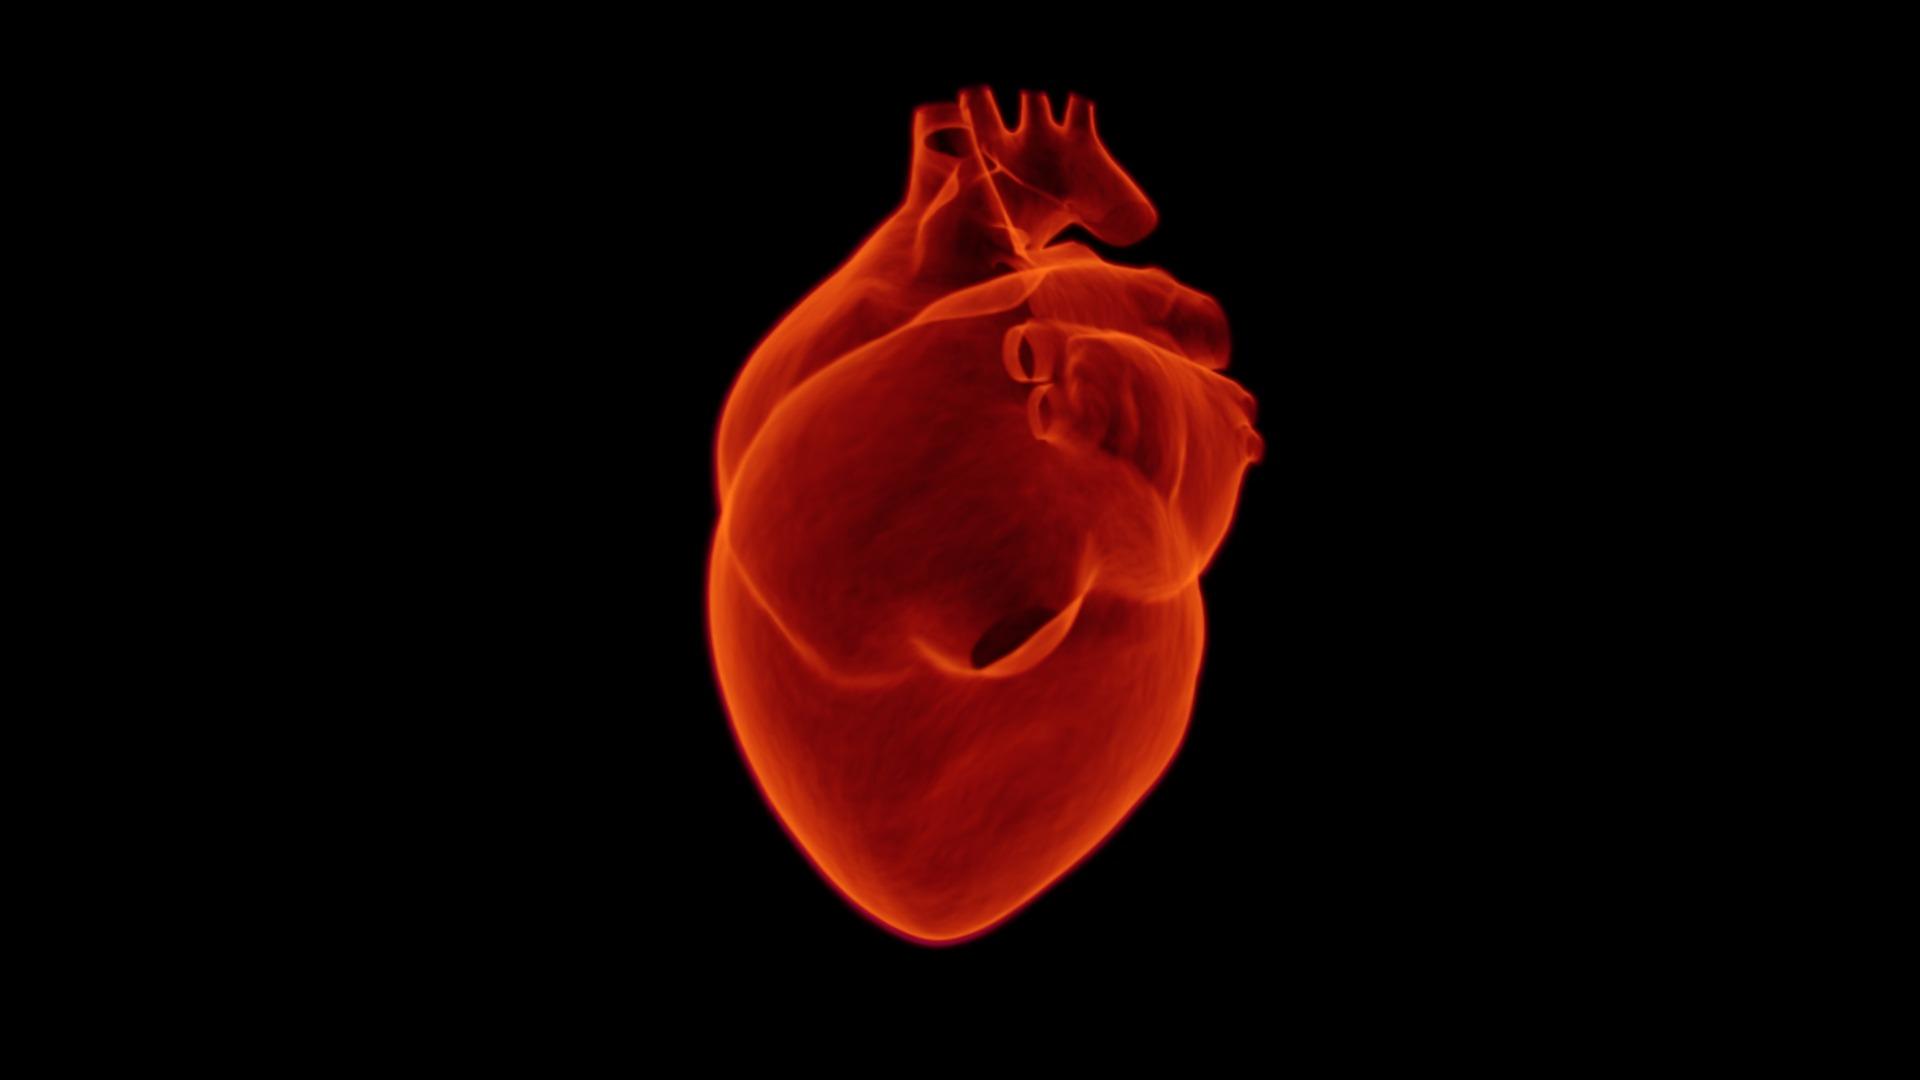 Volgens onderzoekers is het hart gedurende de middag het sterkst.